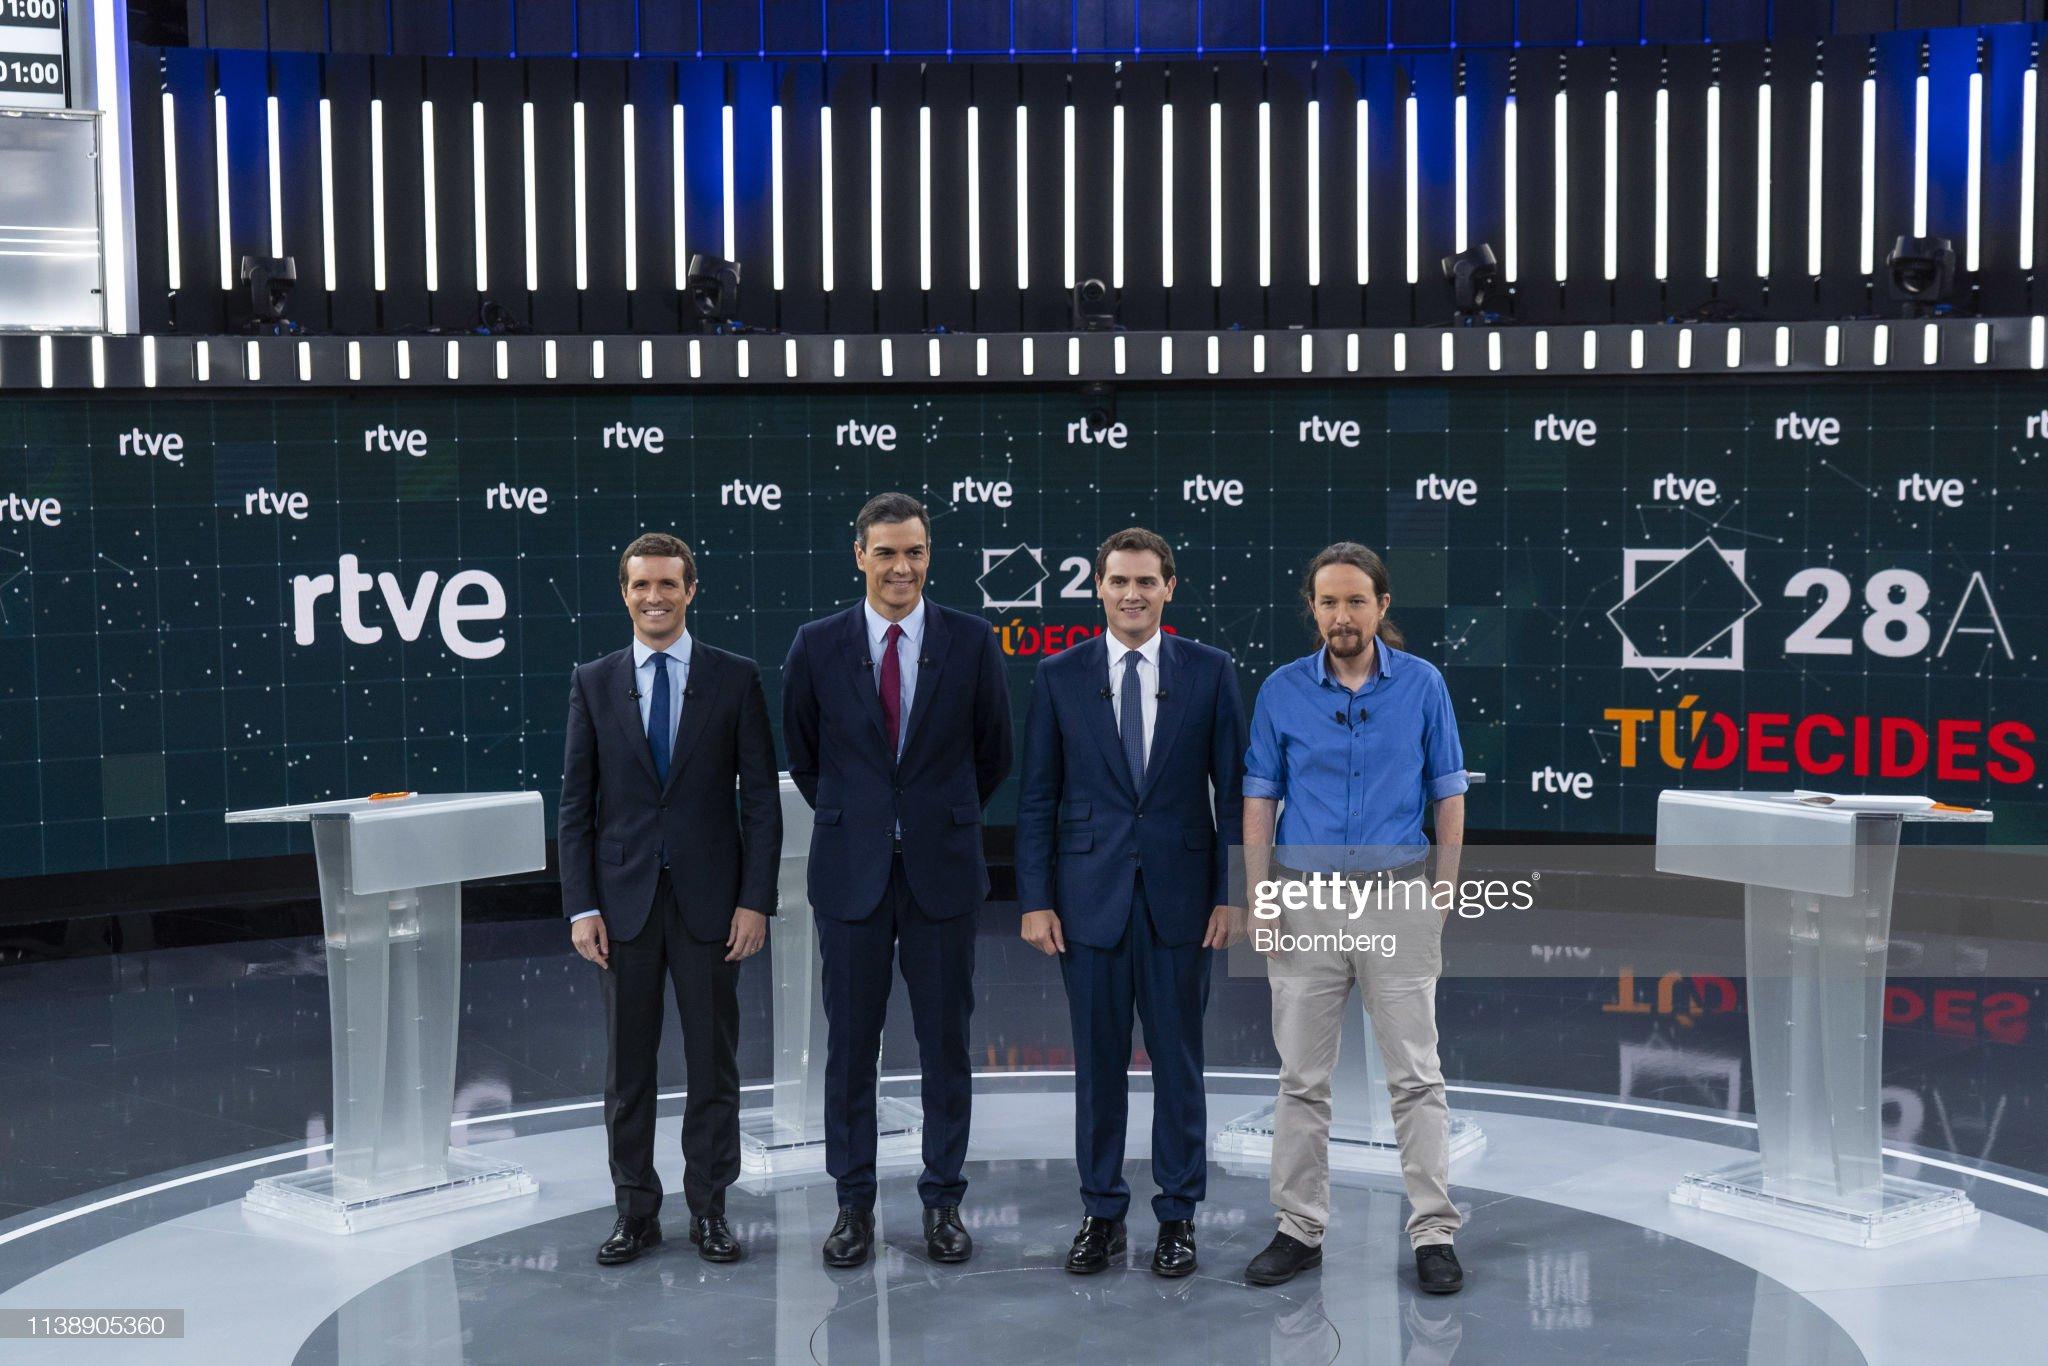 ¿Cuánto mide Pablo Casado?  - Estatura real: 1,77 - Página 7 From-left-to-right-pablo-casado-leader-of-partido-popular-pedro-picture-id1138905360?s=2048x2048